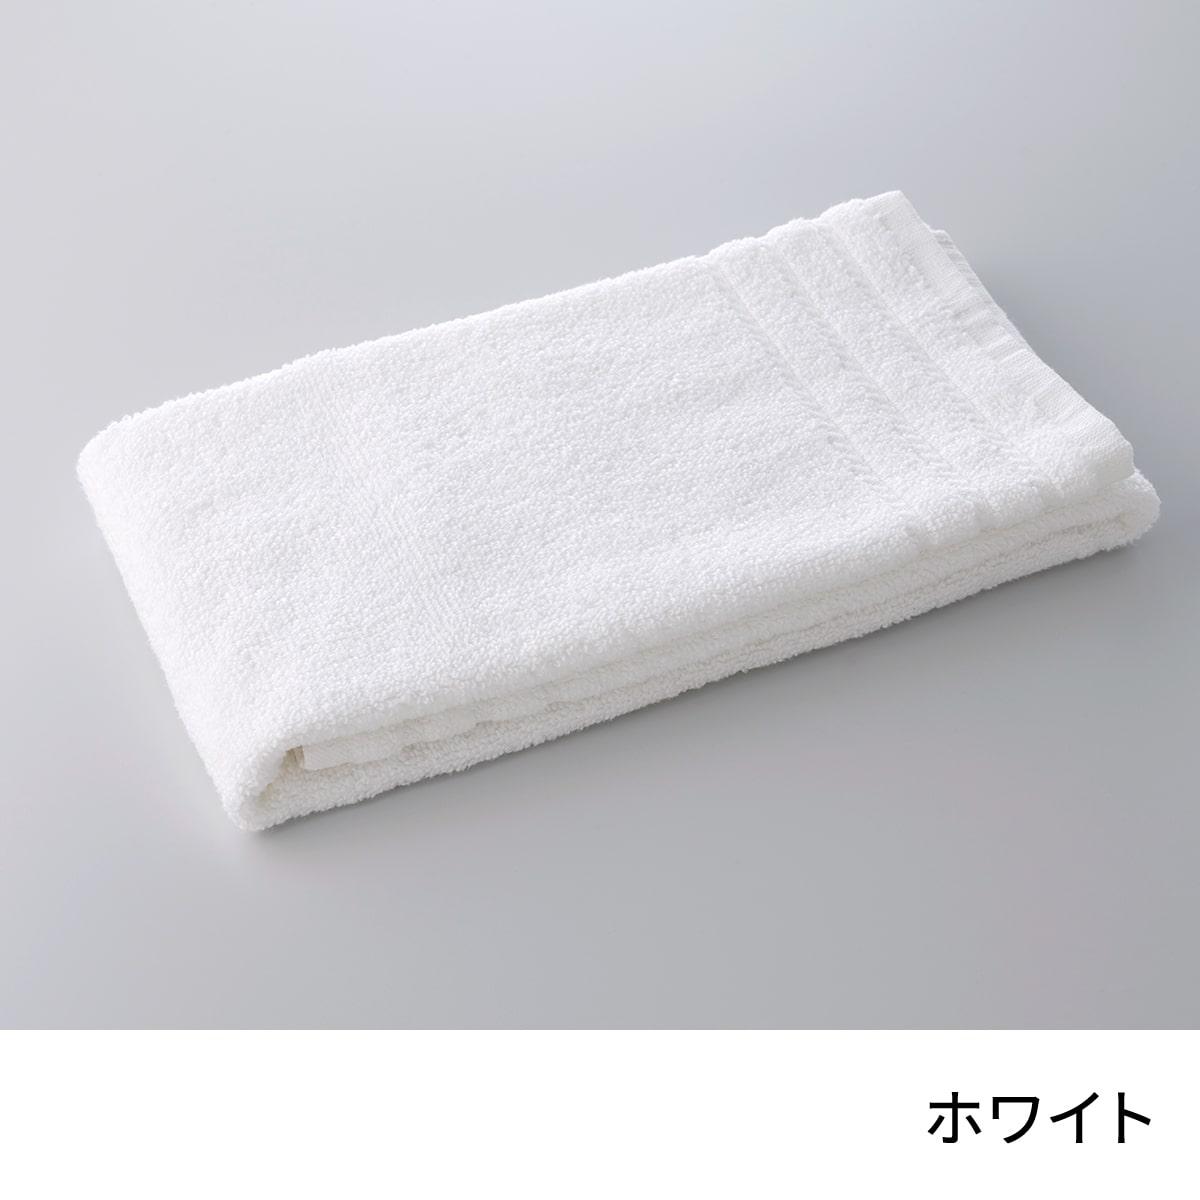 【マイクロコットン】レギュラー ミニバスタオル(50×100cm) | #MicroCotton #タオル #ミニバスタオル #日用品 #コットン100%